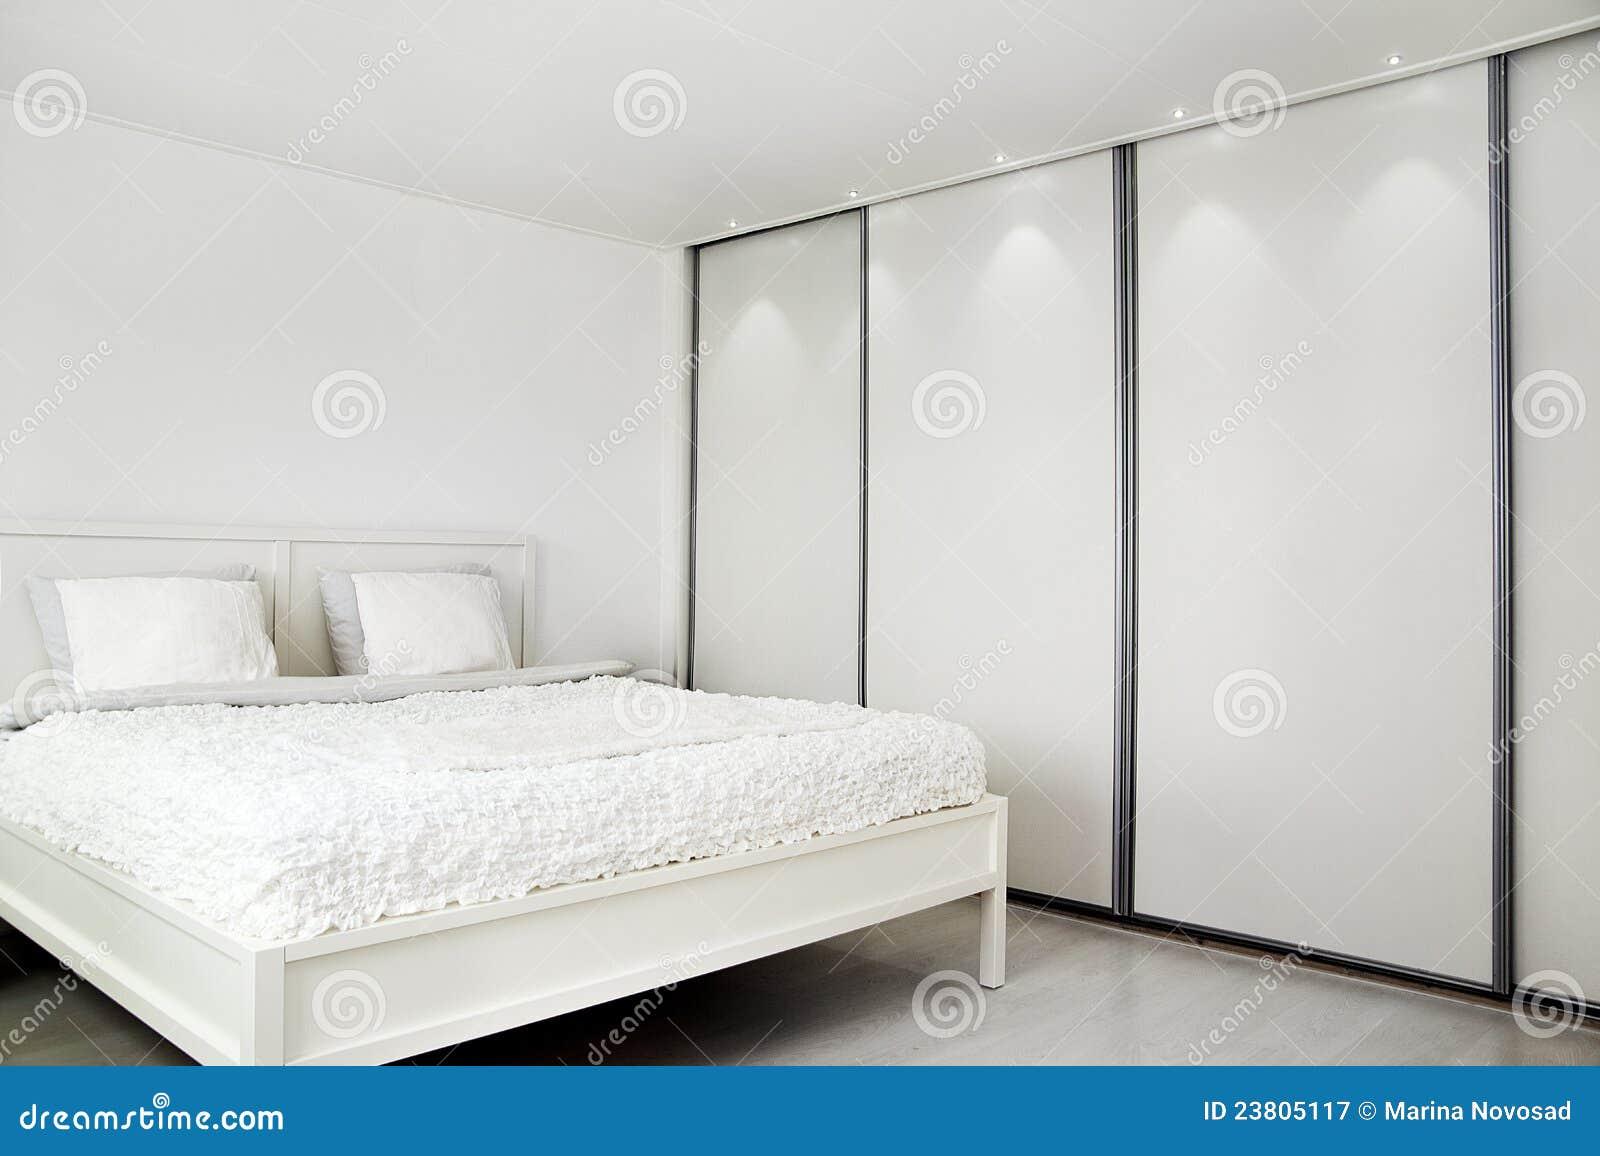 Schlafzimmer bett und ein wandschrank stockbild bild von wandschrank hotel 23805117 - Wandschrank schlafzimmer ...